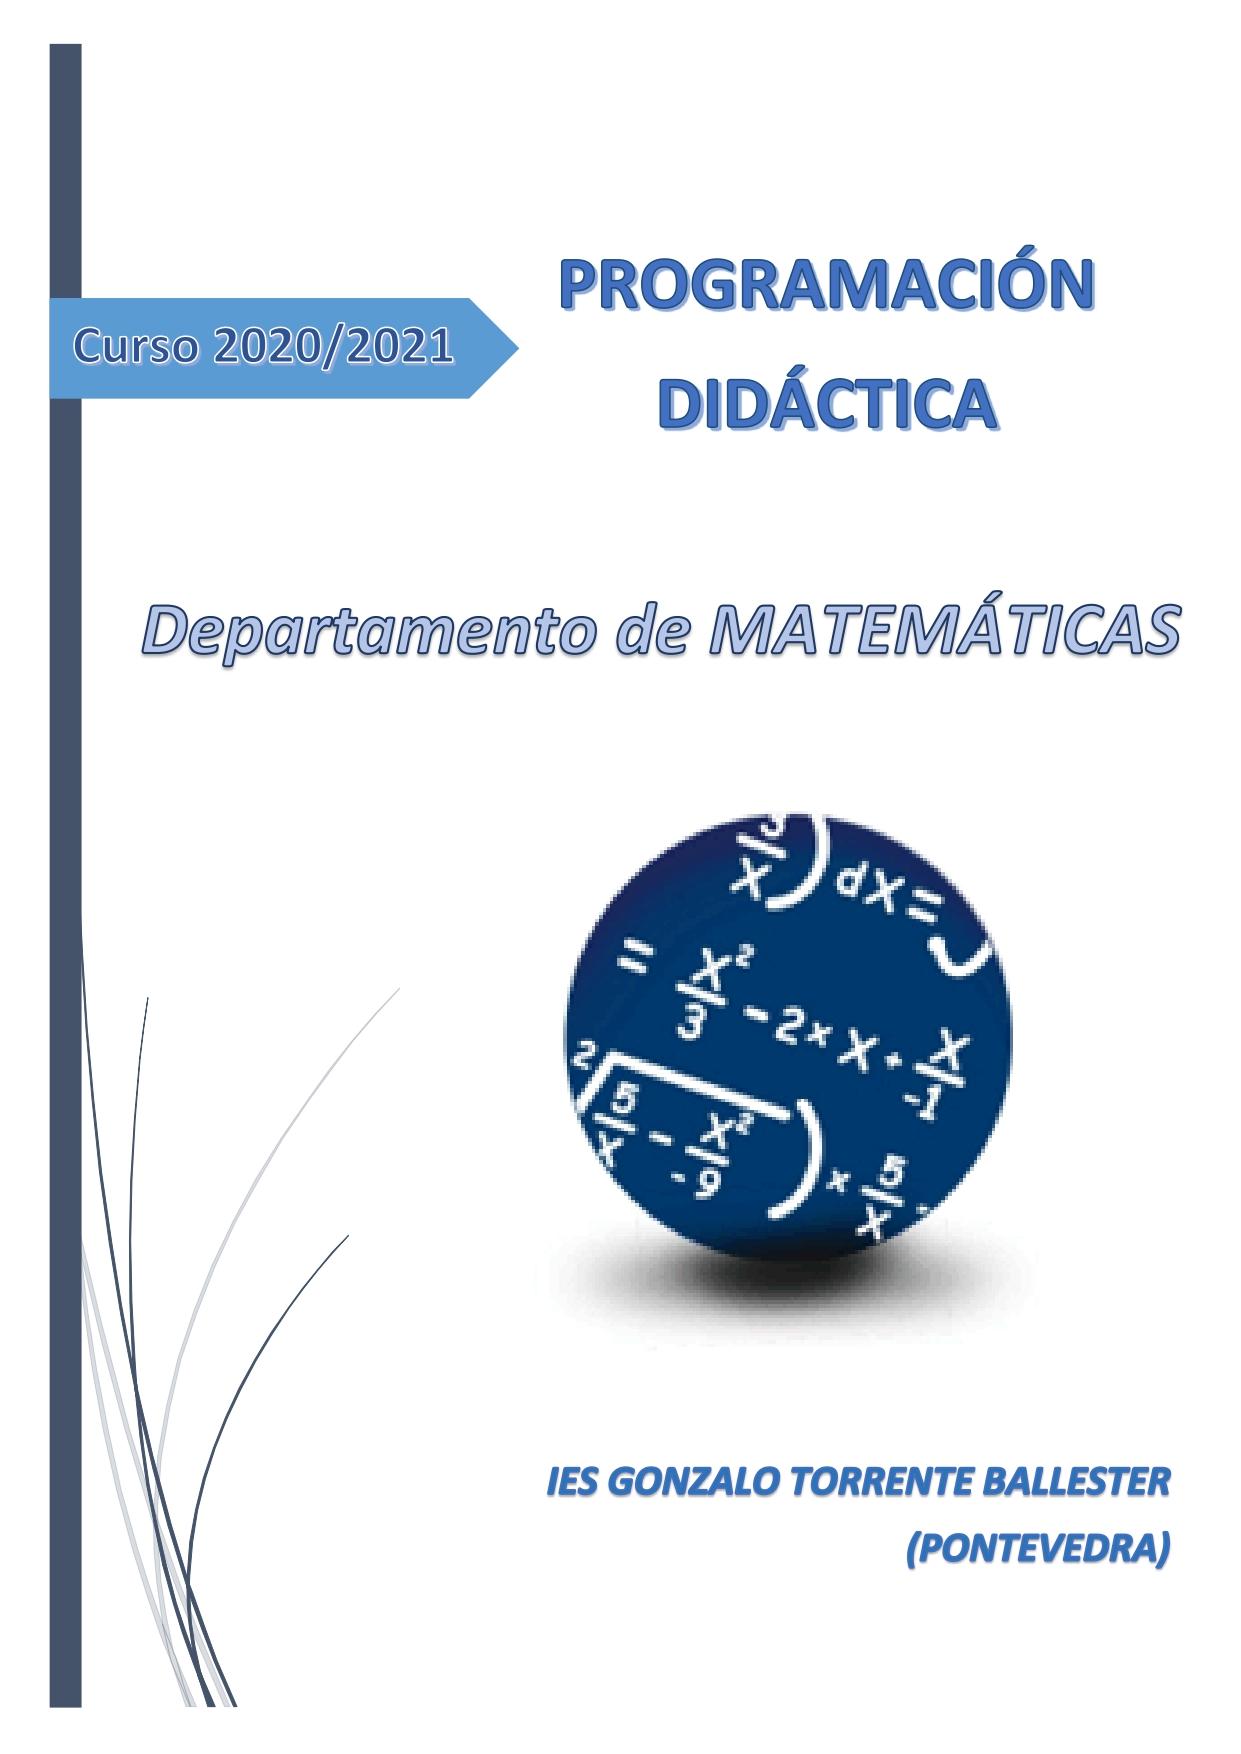 Programación Didáctica Matemáticas (2020/2021)